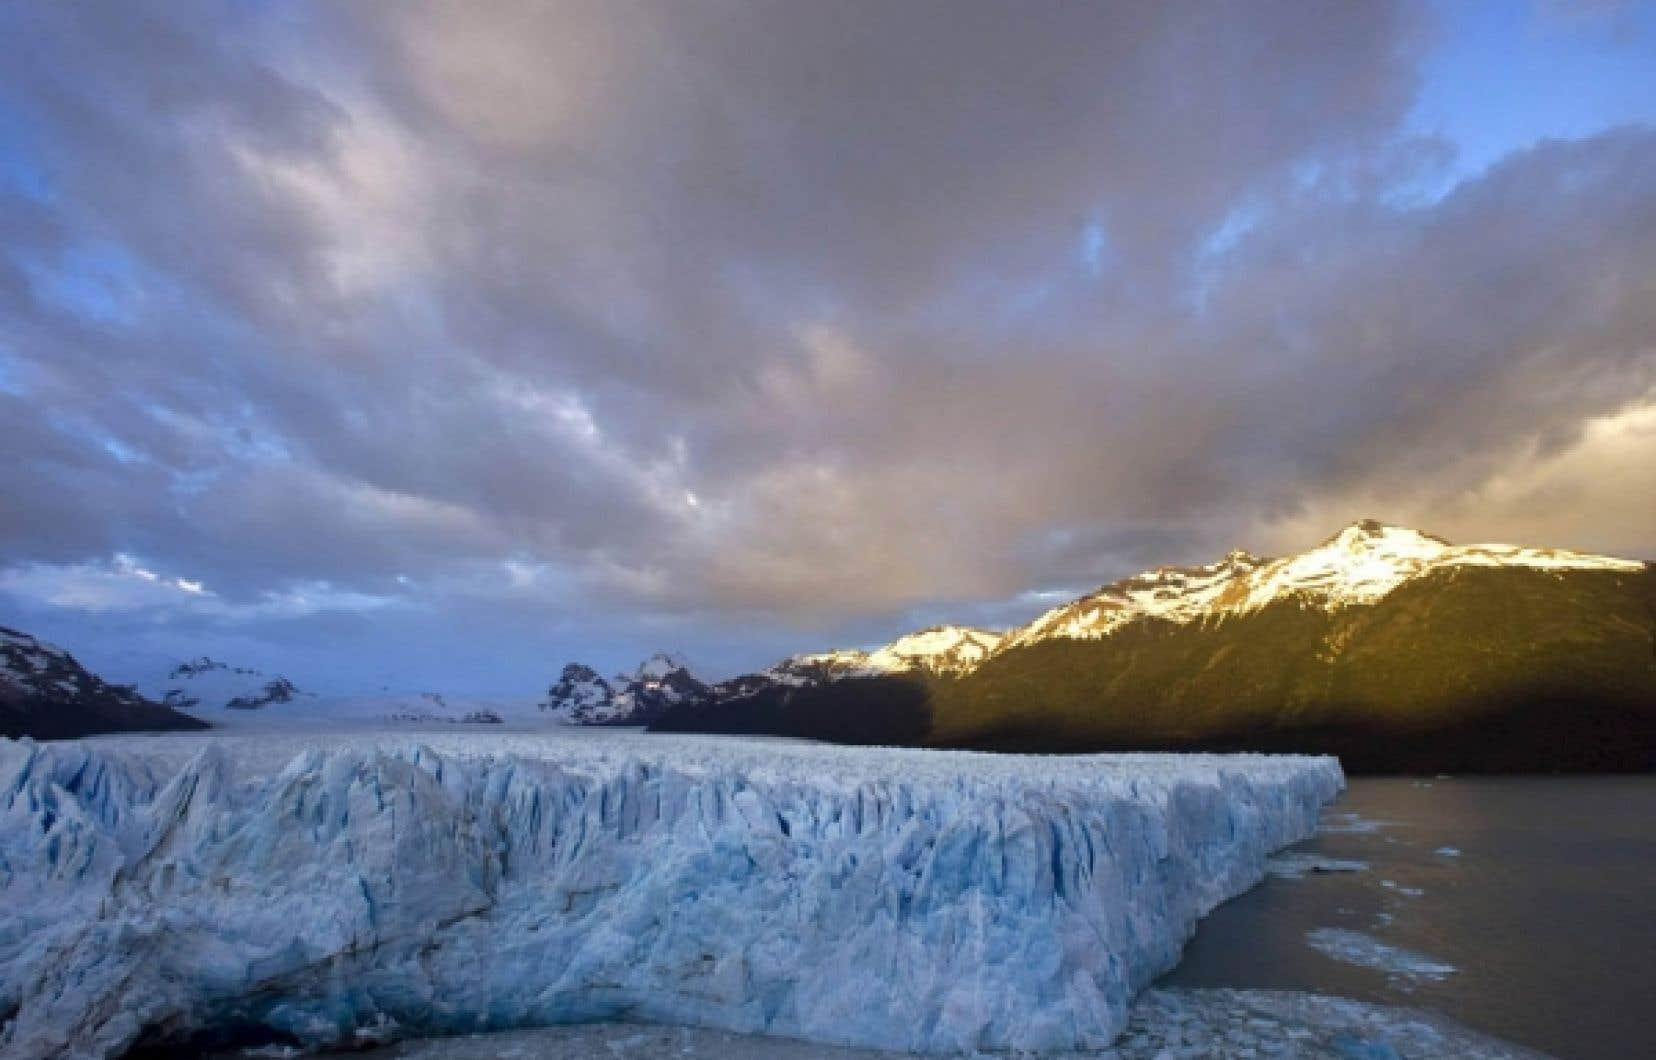 La fonte des glaciers témoigne des changements climatiques qui affectent la planète.